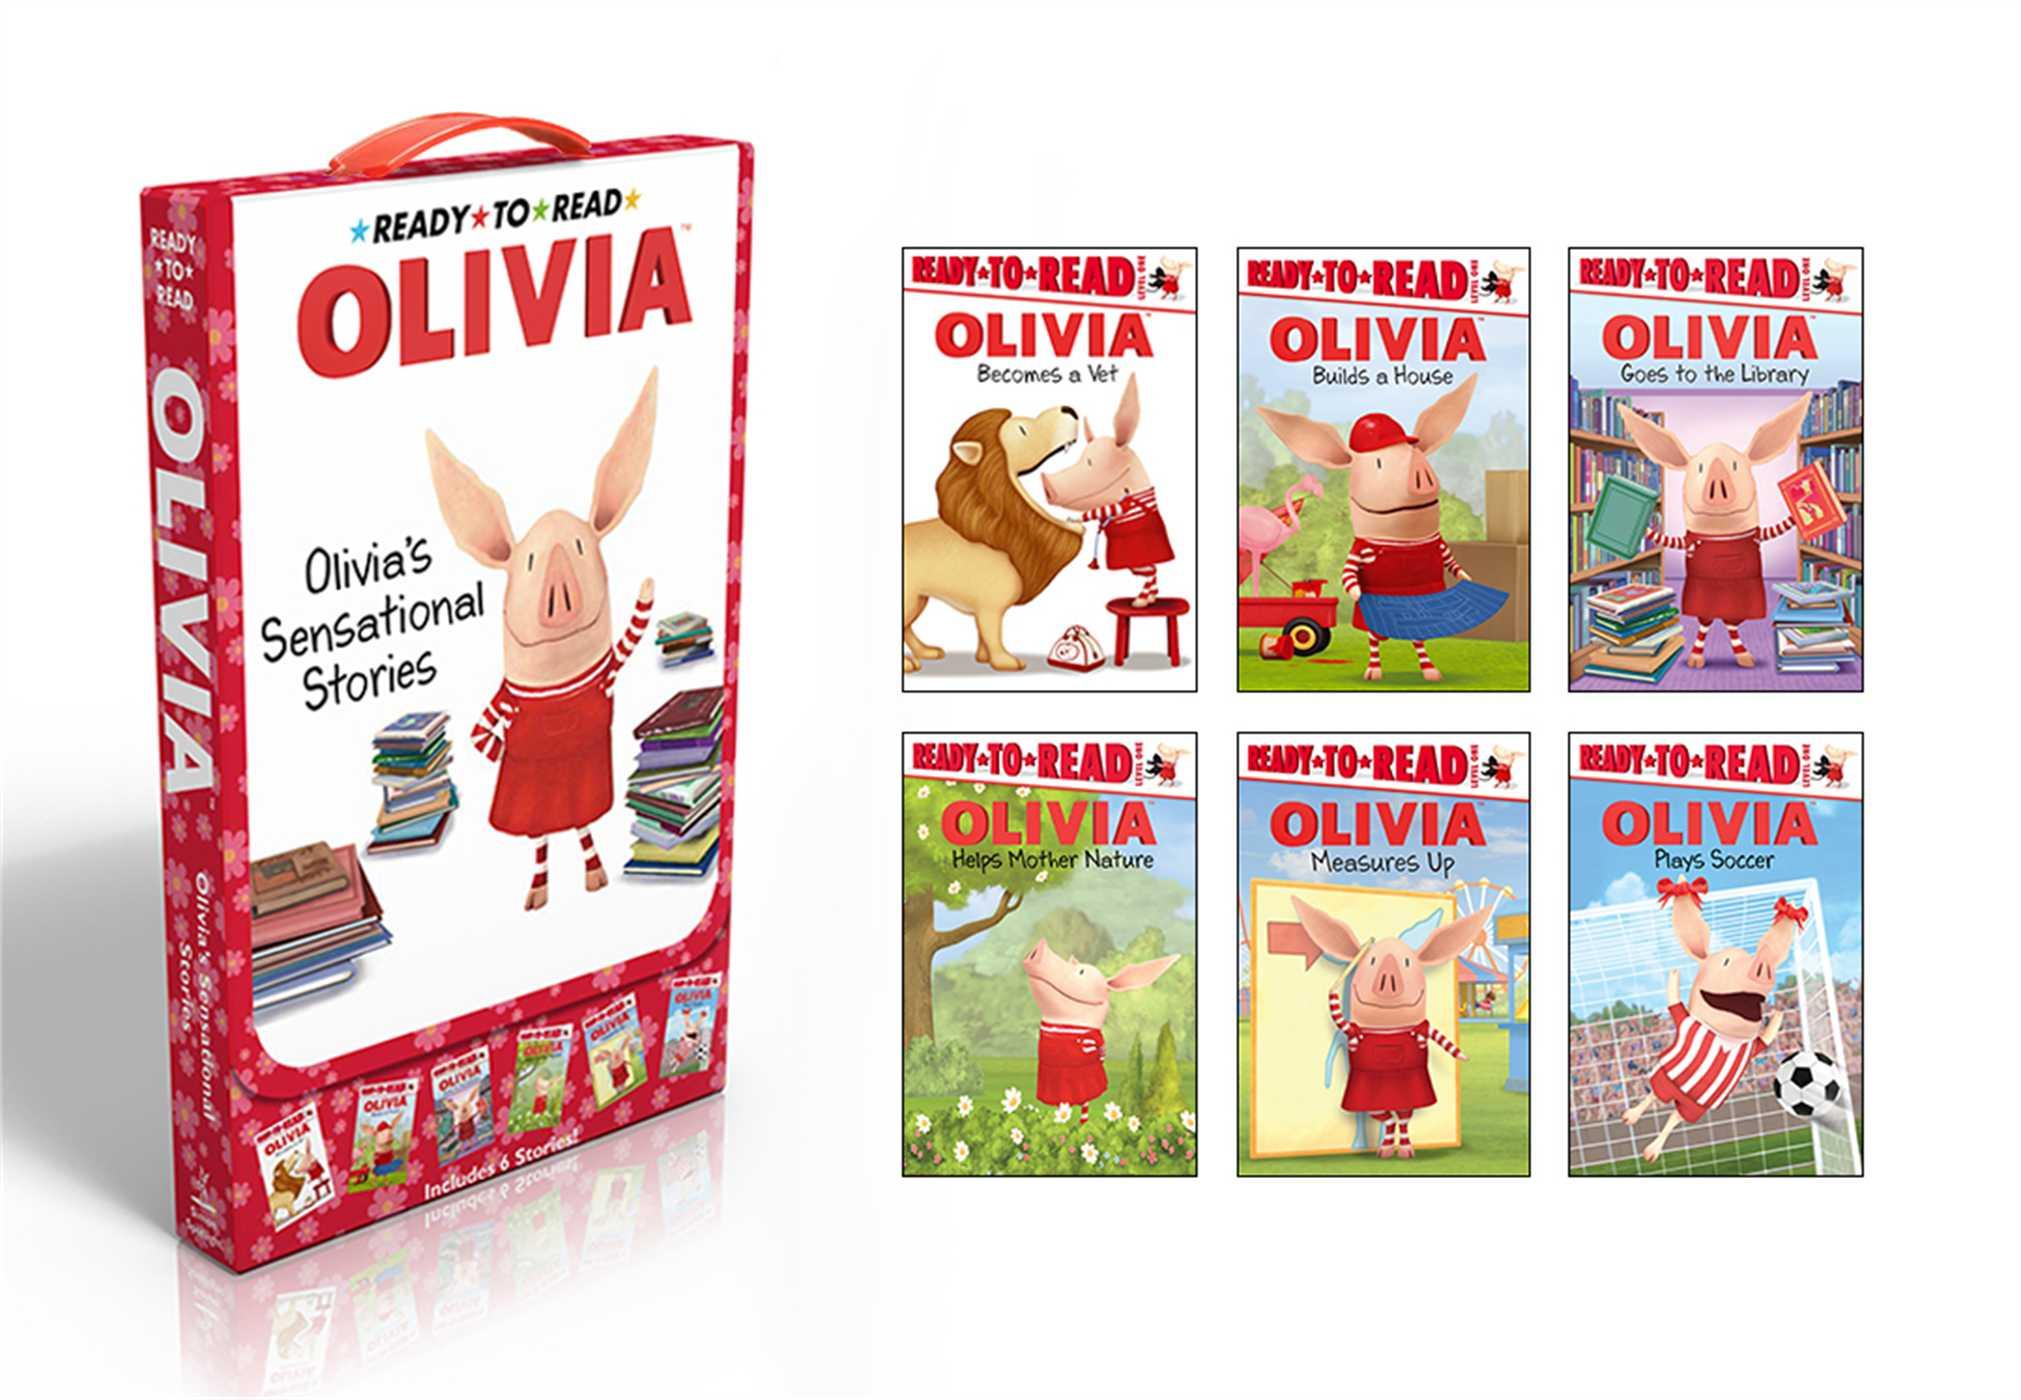 Olivias sensational stories 9781481421485 hr